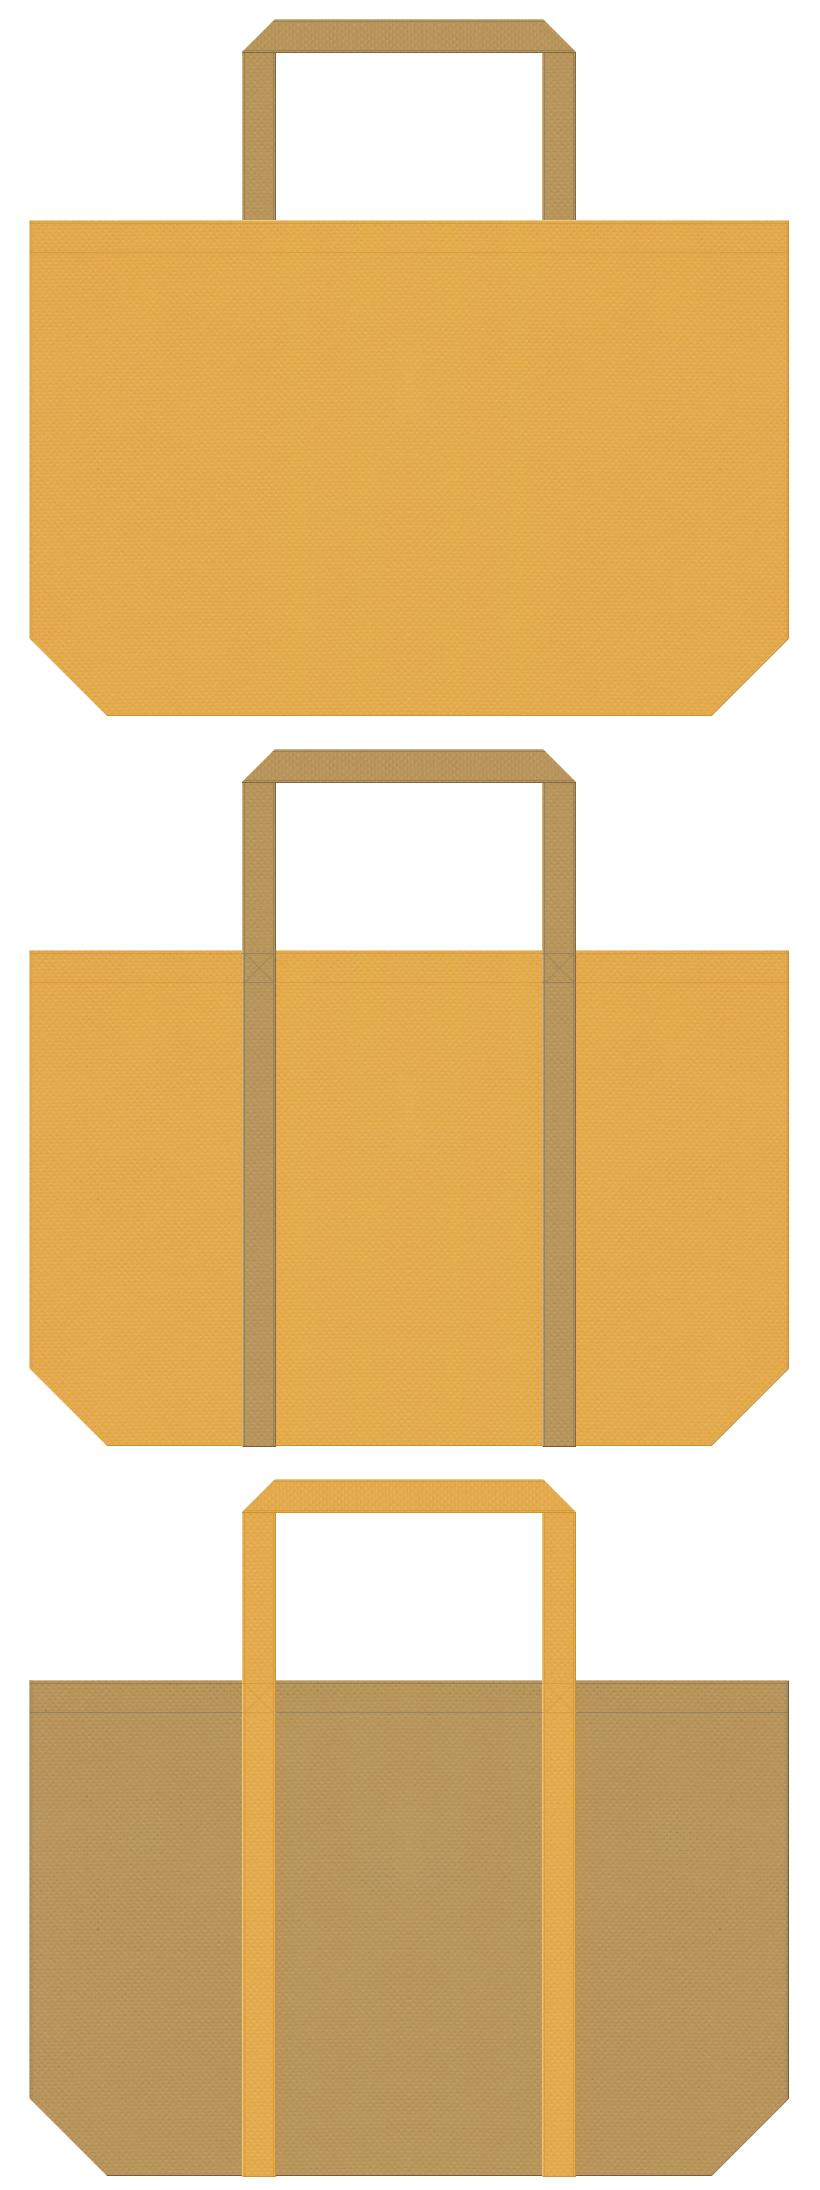 黄土色と金色系黄土色の不織布ショッピングバッグデザイン。カレーパン風の配色です。